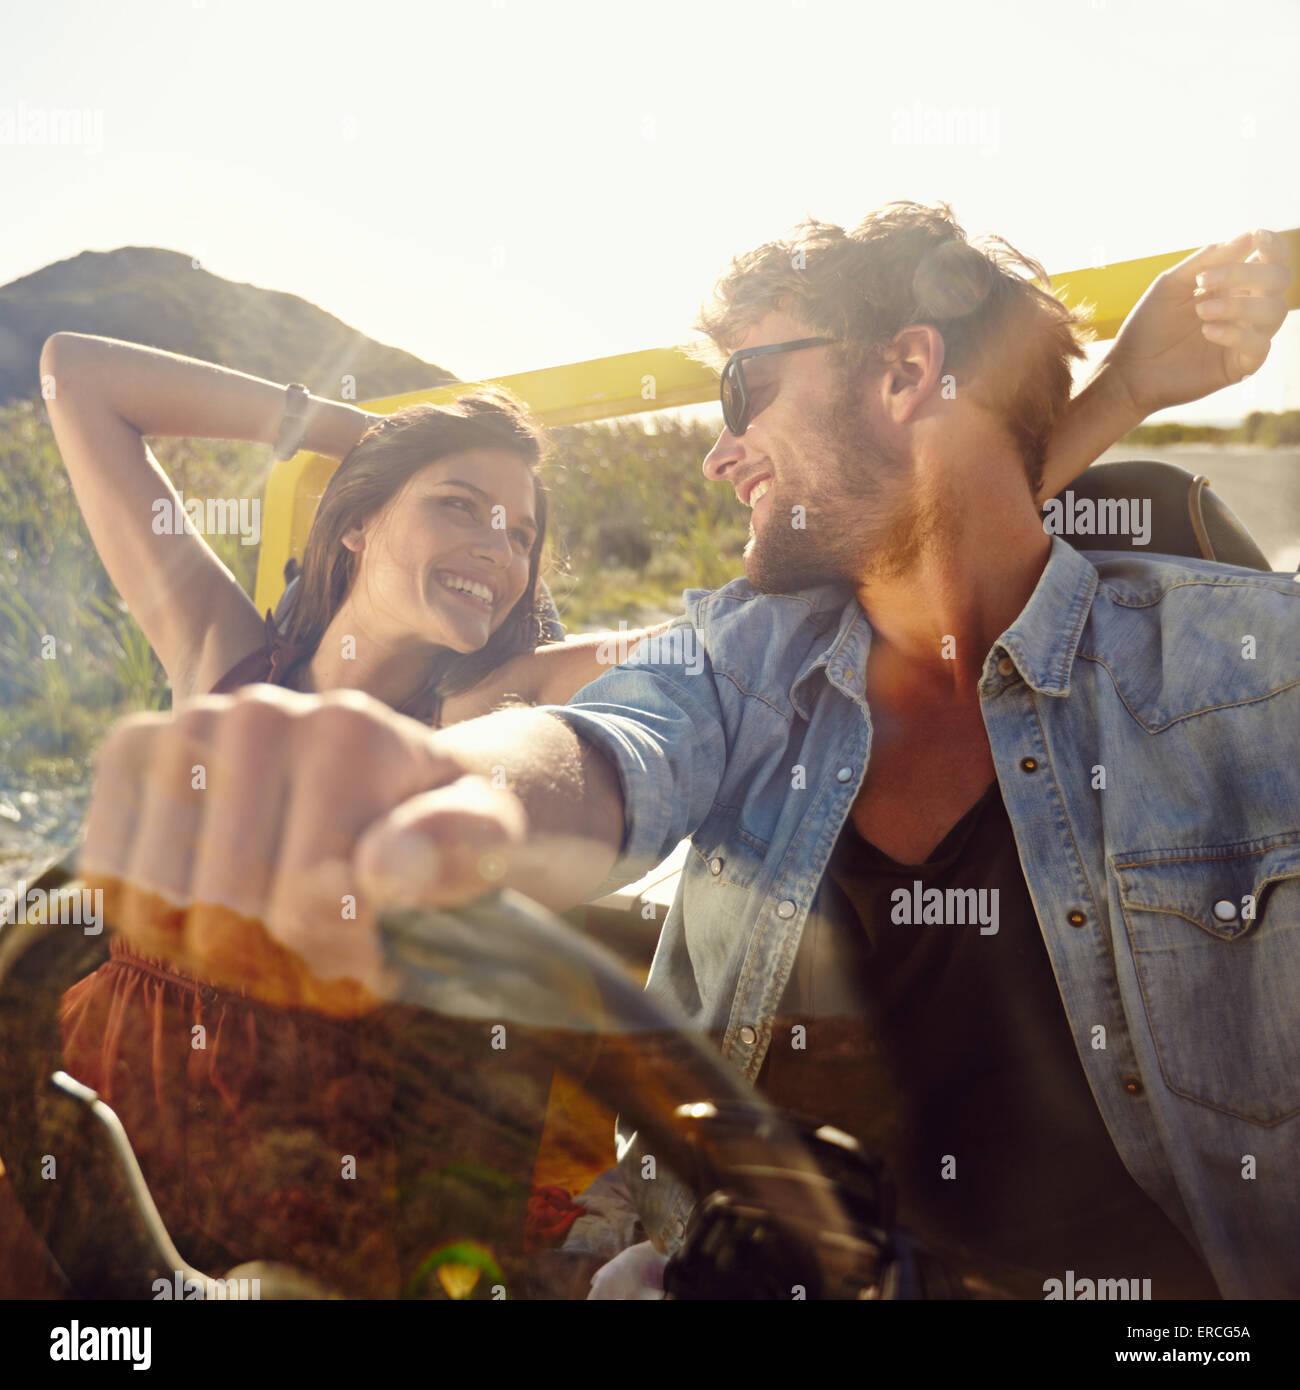 Glücklicher junger Mann und Frau in einem Auto einen Ausflug an einem Sommertag zu genießen. Paar, auf Stockbild